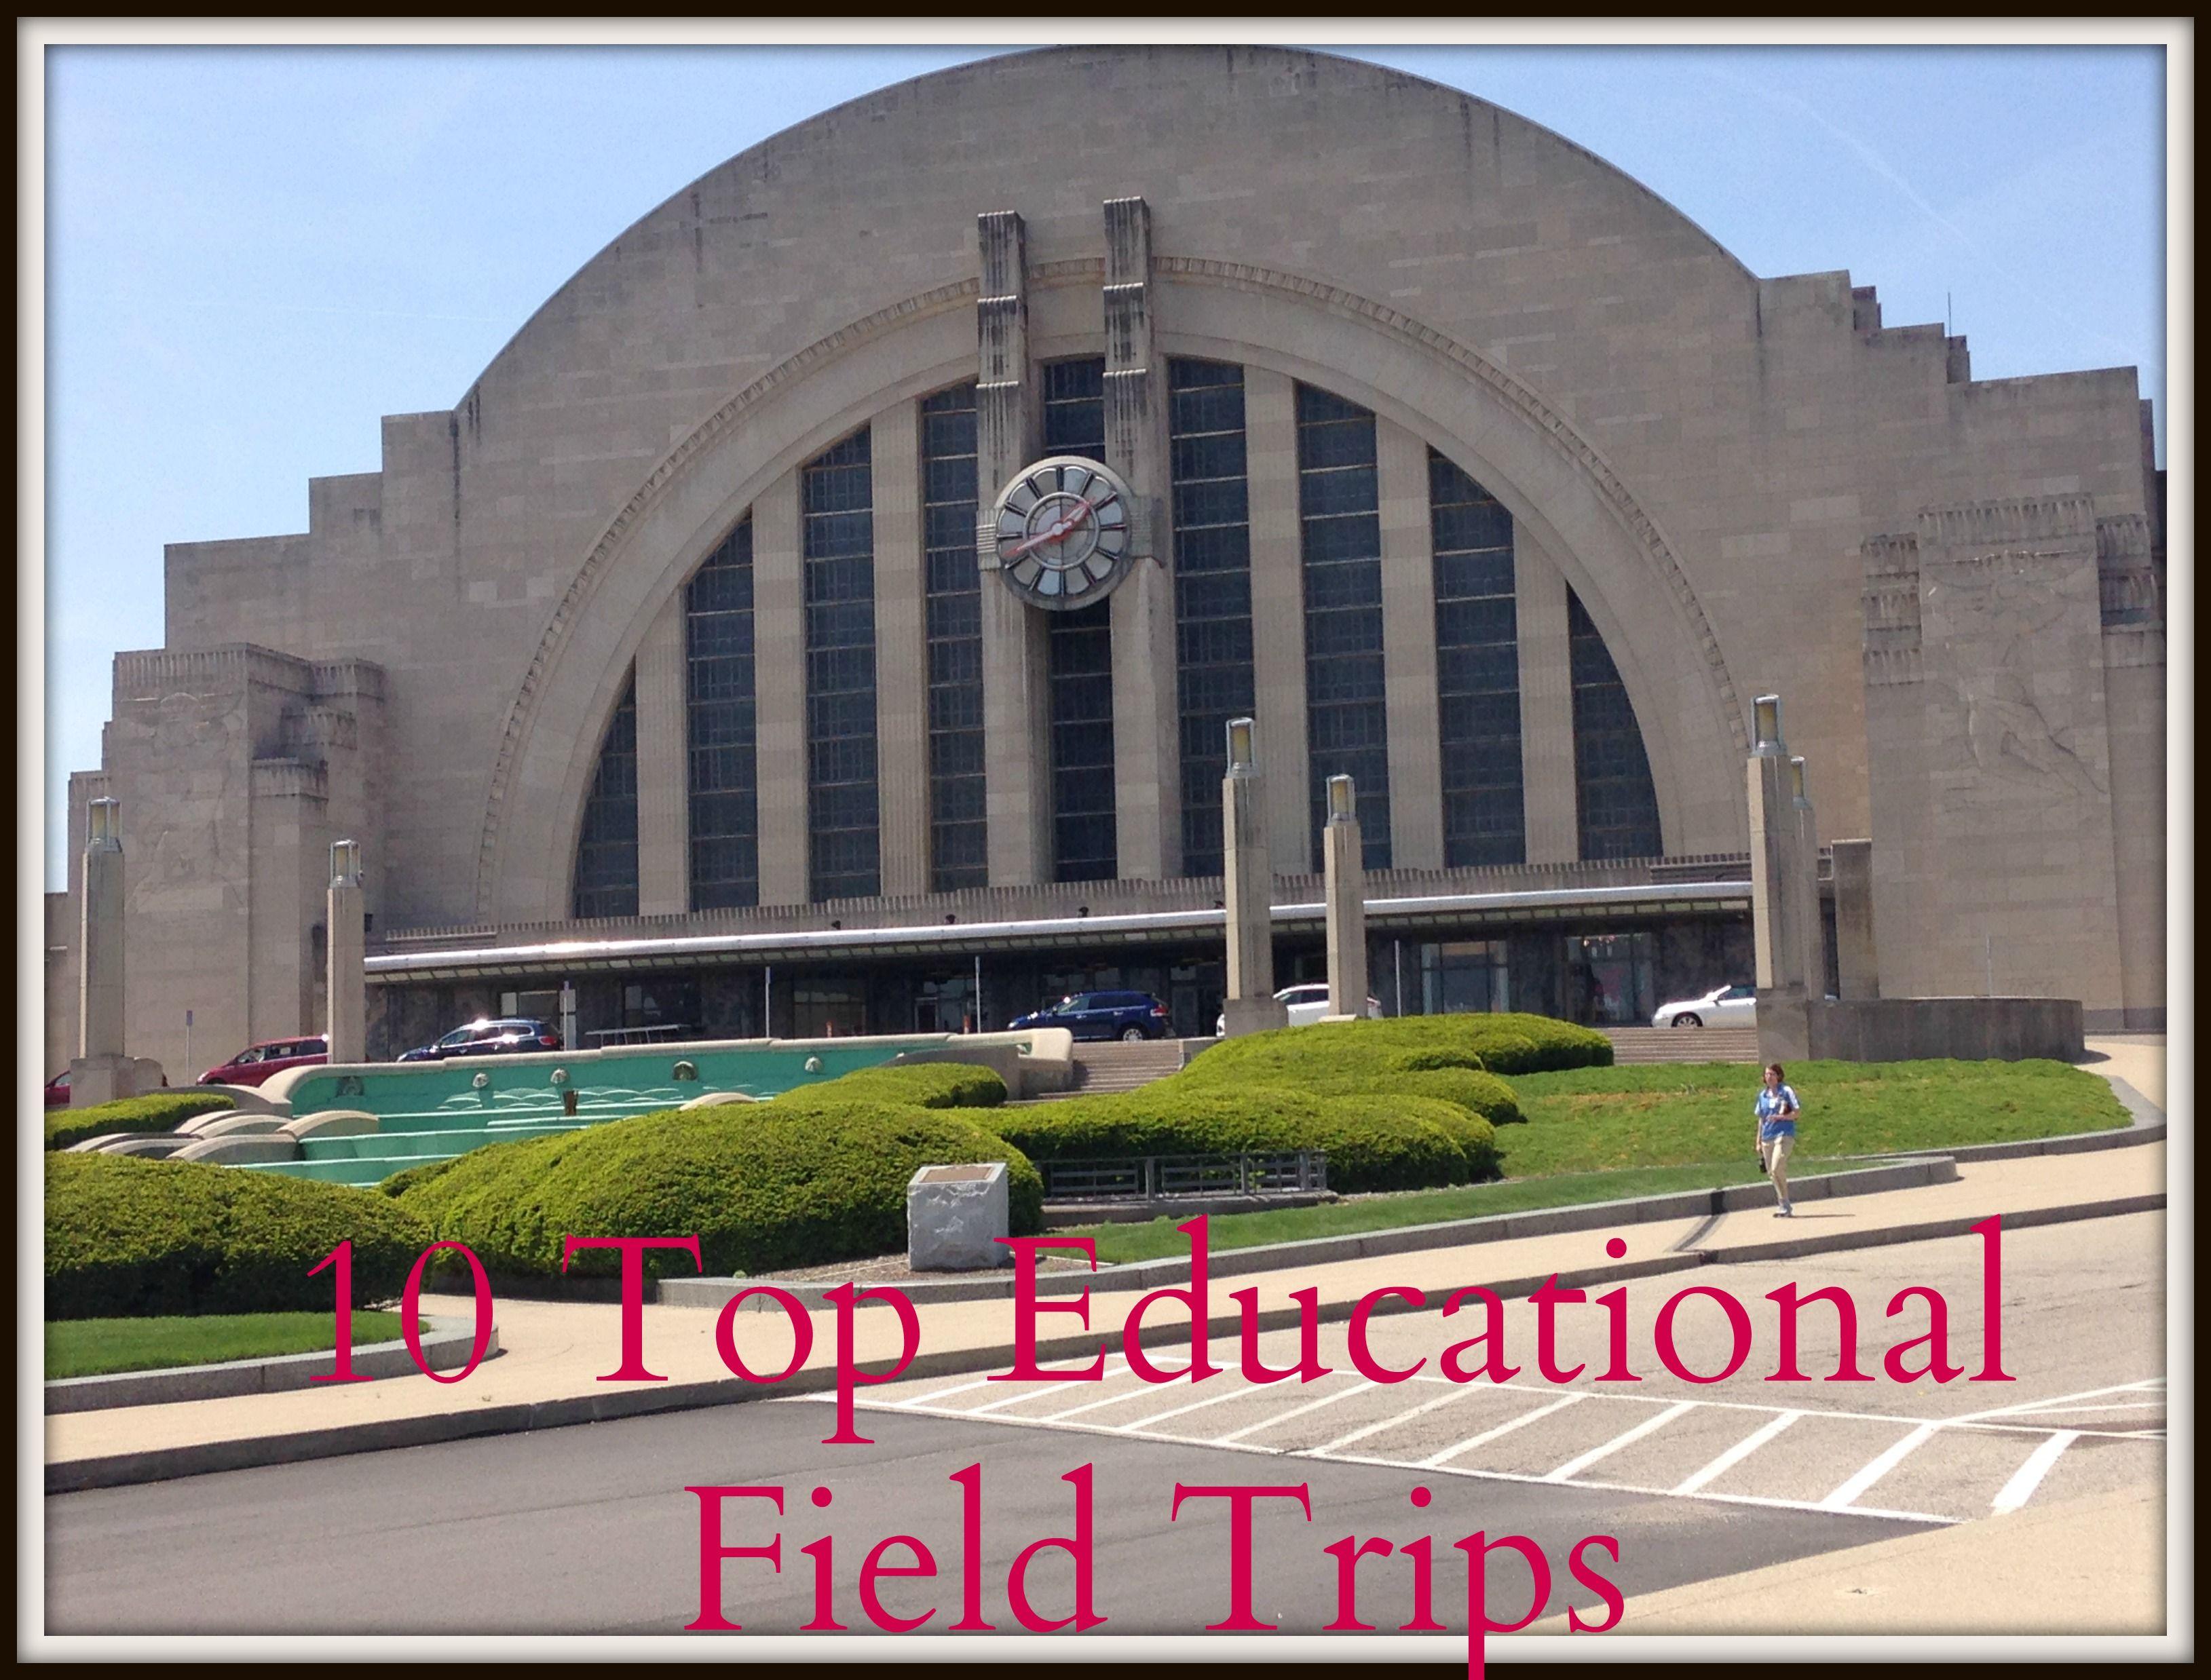 Top 10 Educational Field Trips